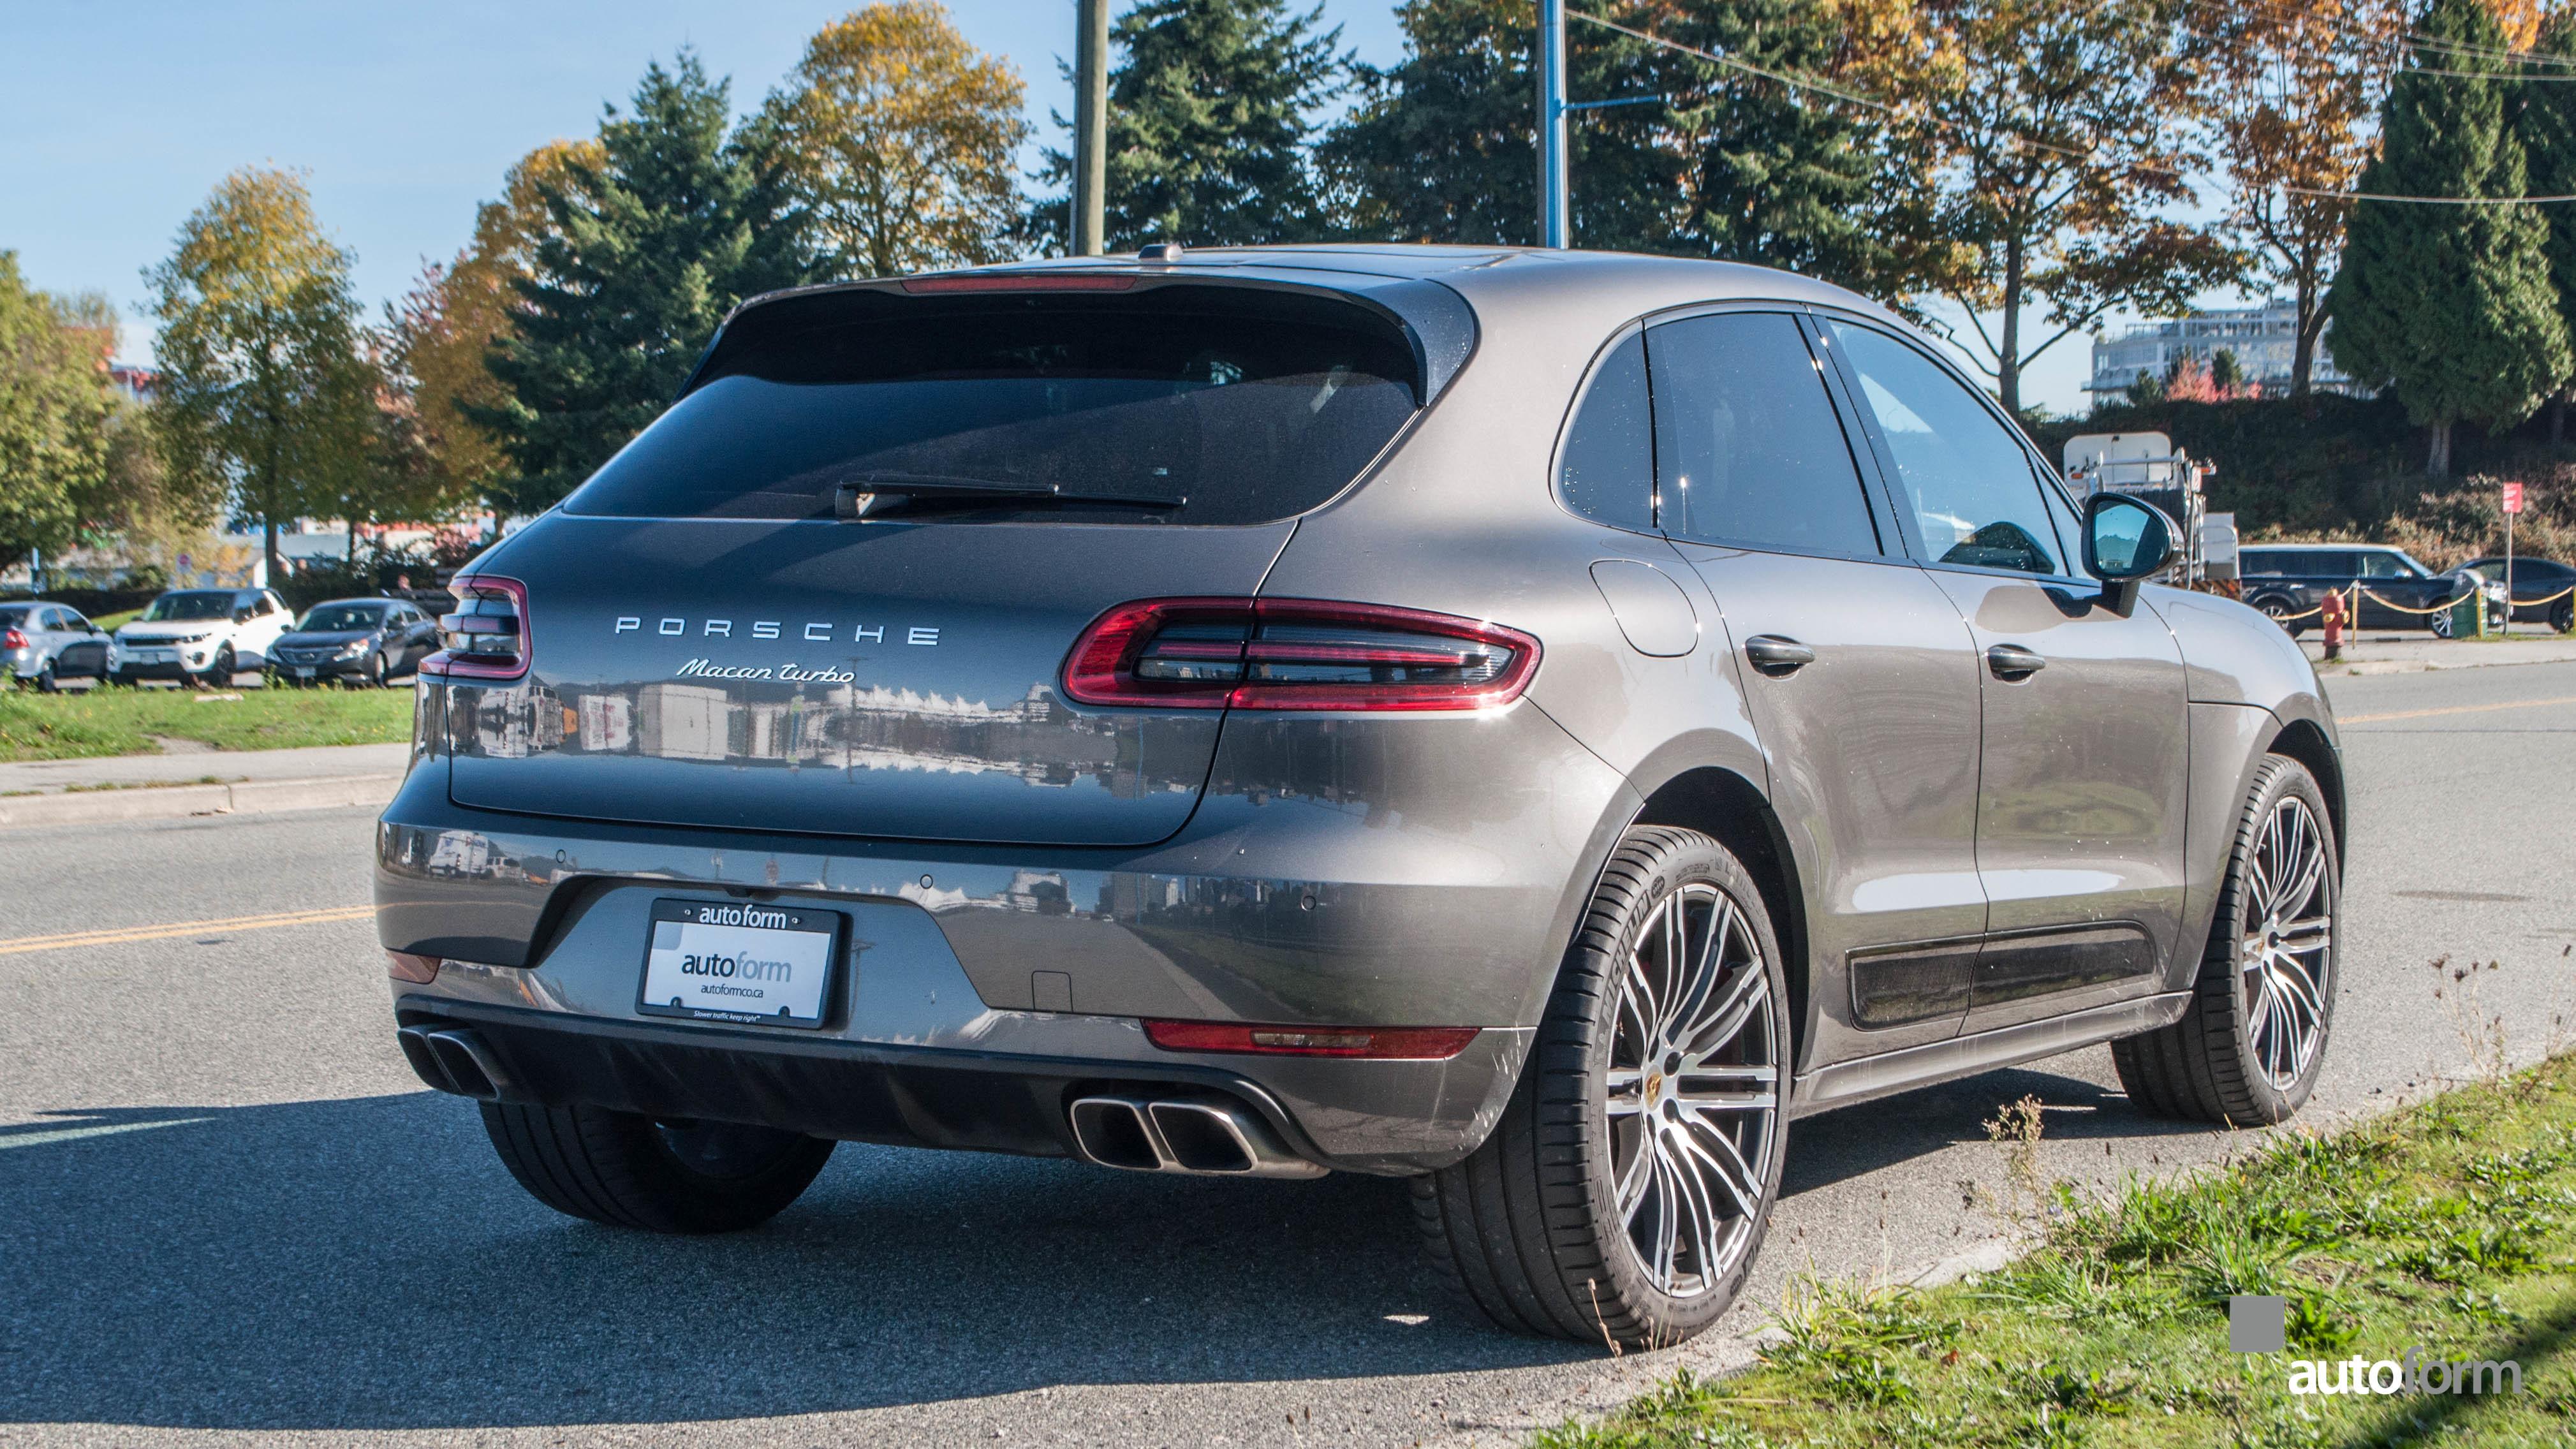 Porsche Macan Lease >> 2015 Porsche Macan Turbo | Autoform